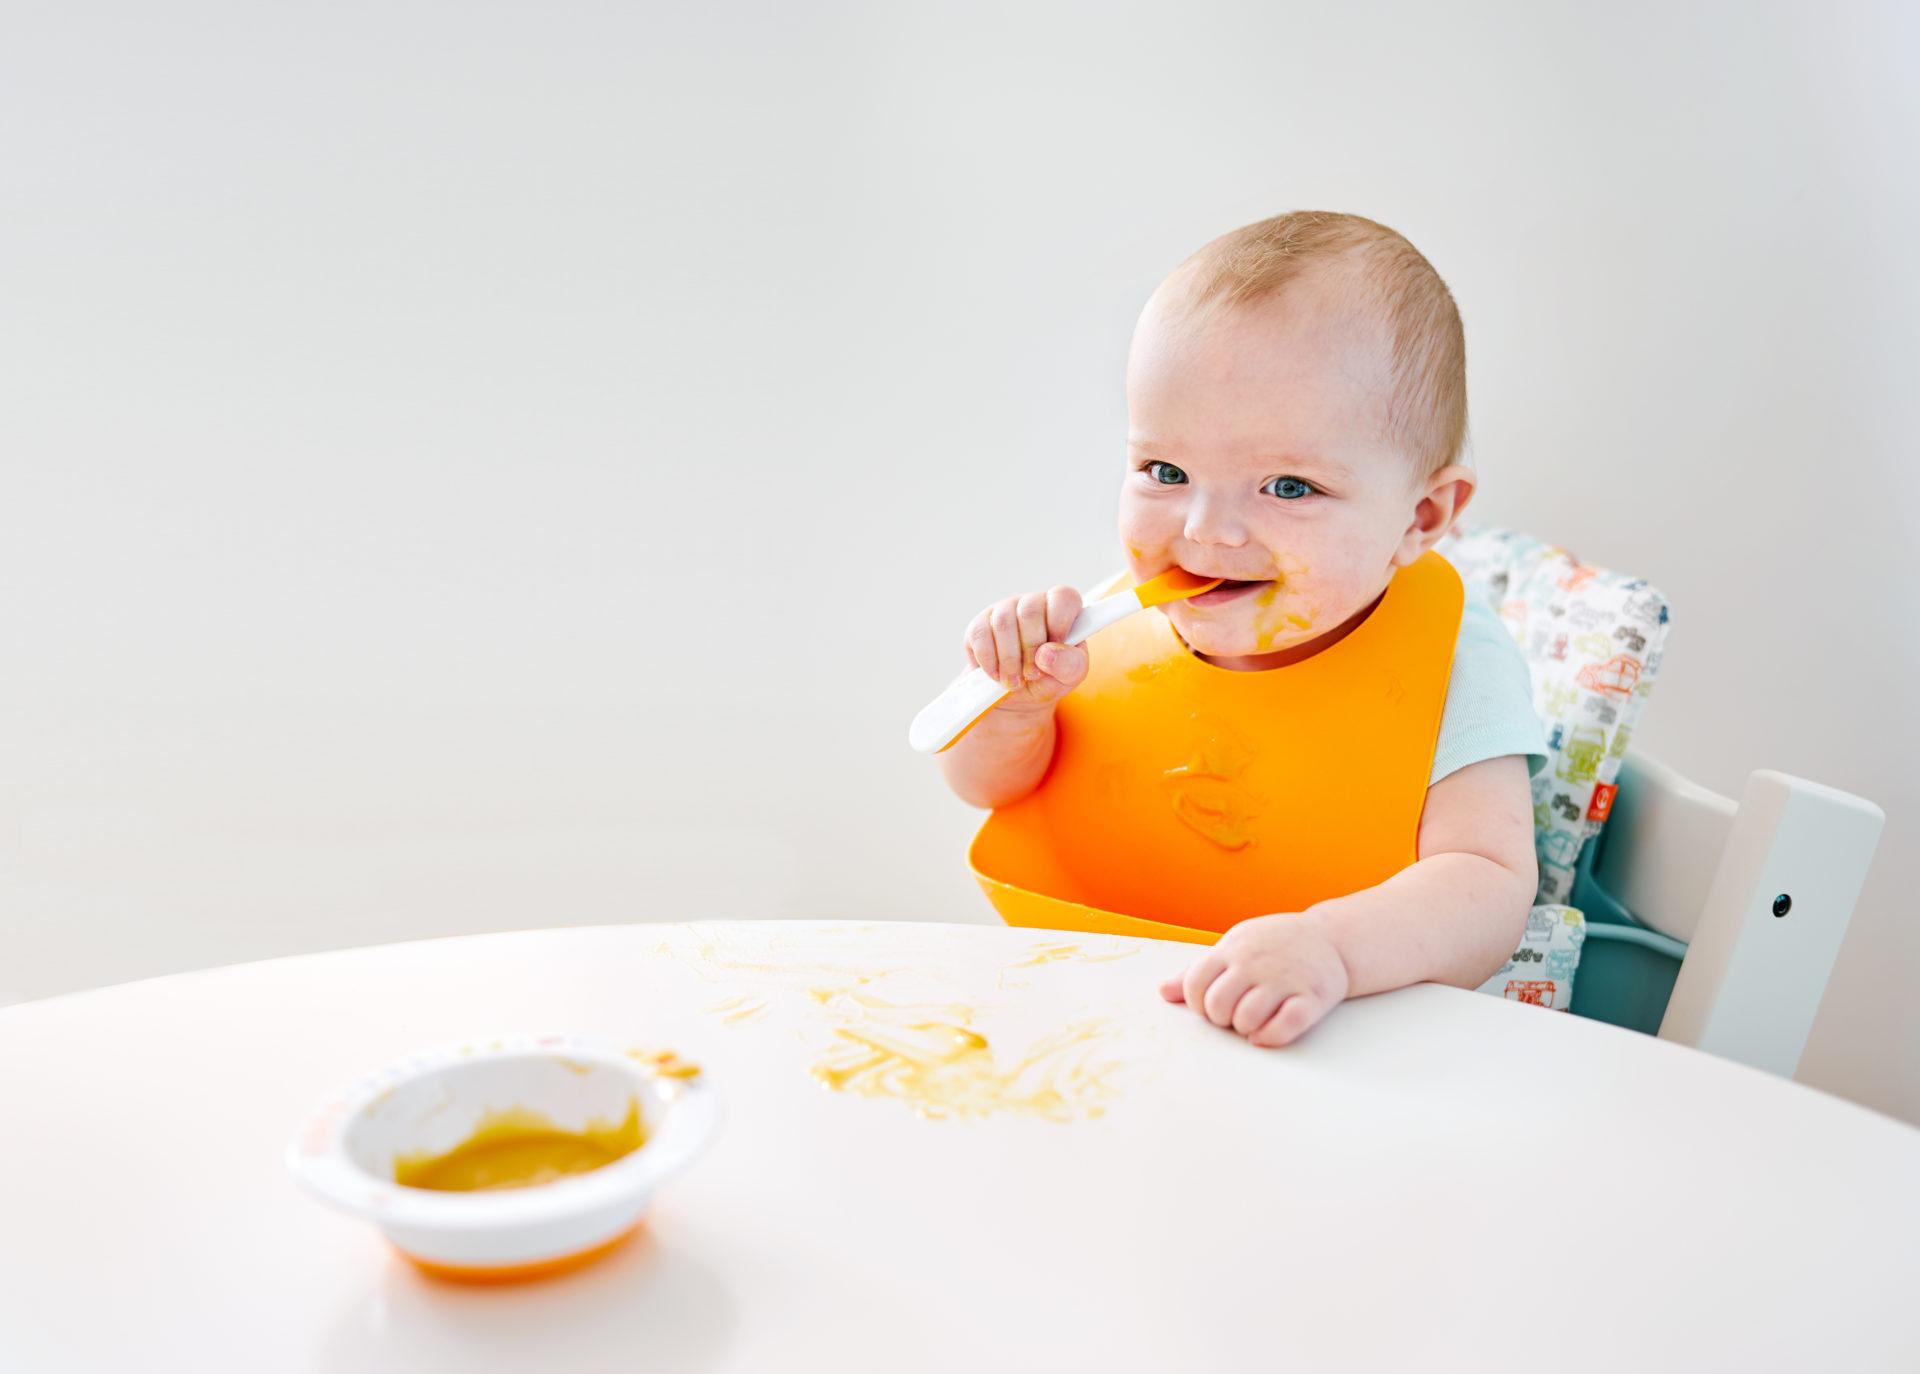 evési pozíció baba